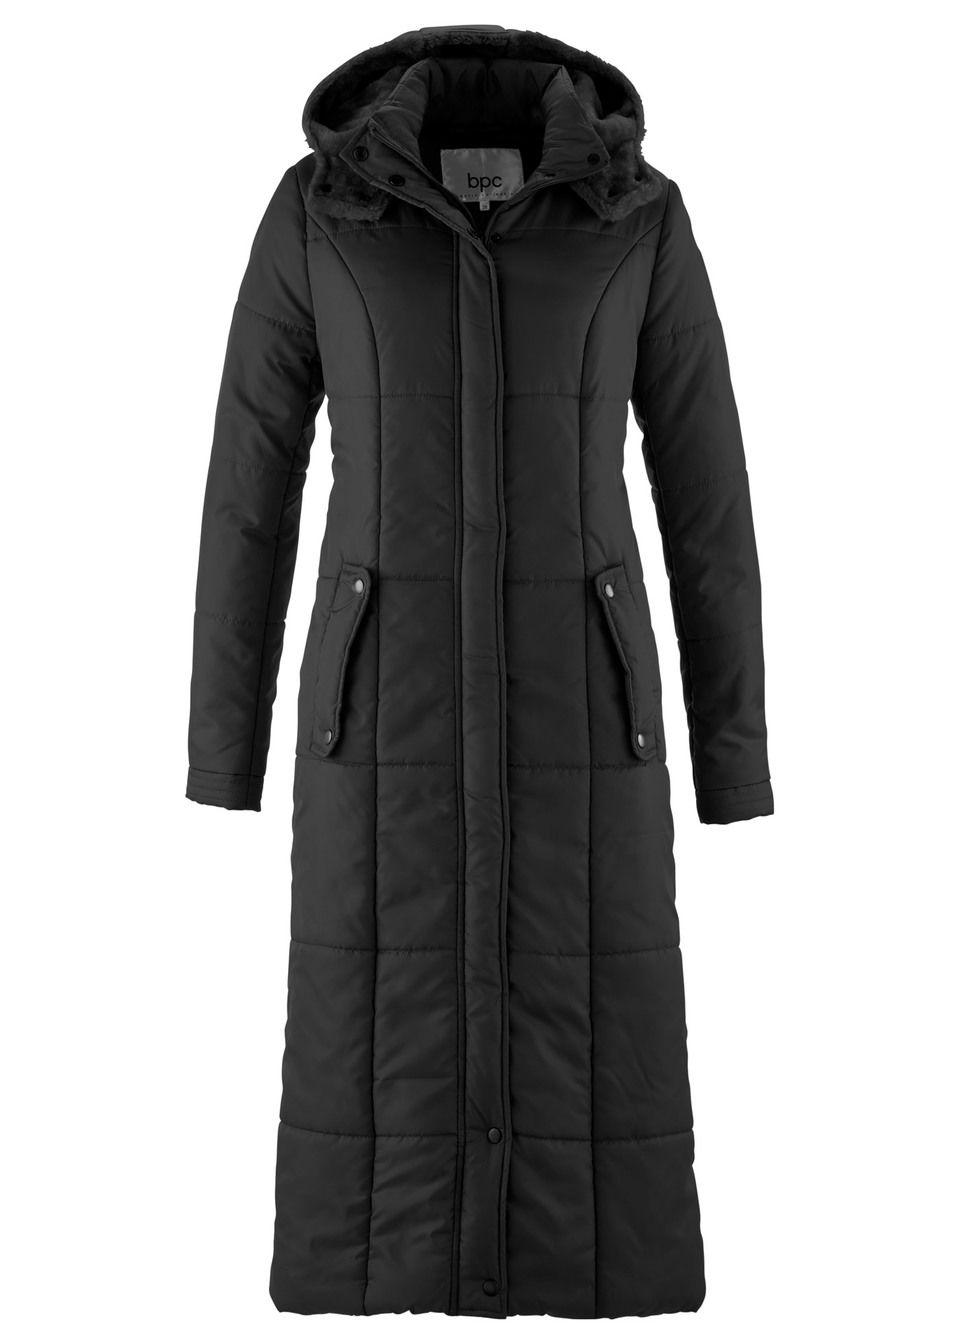 8e3a34c27 Ľahký prešívaný kabát, dlhý bonprix